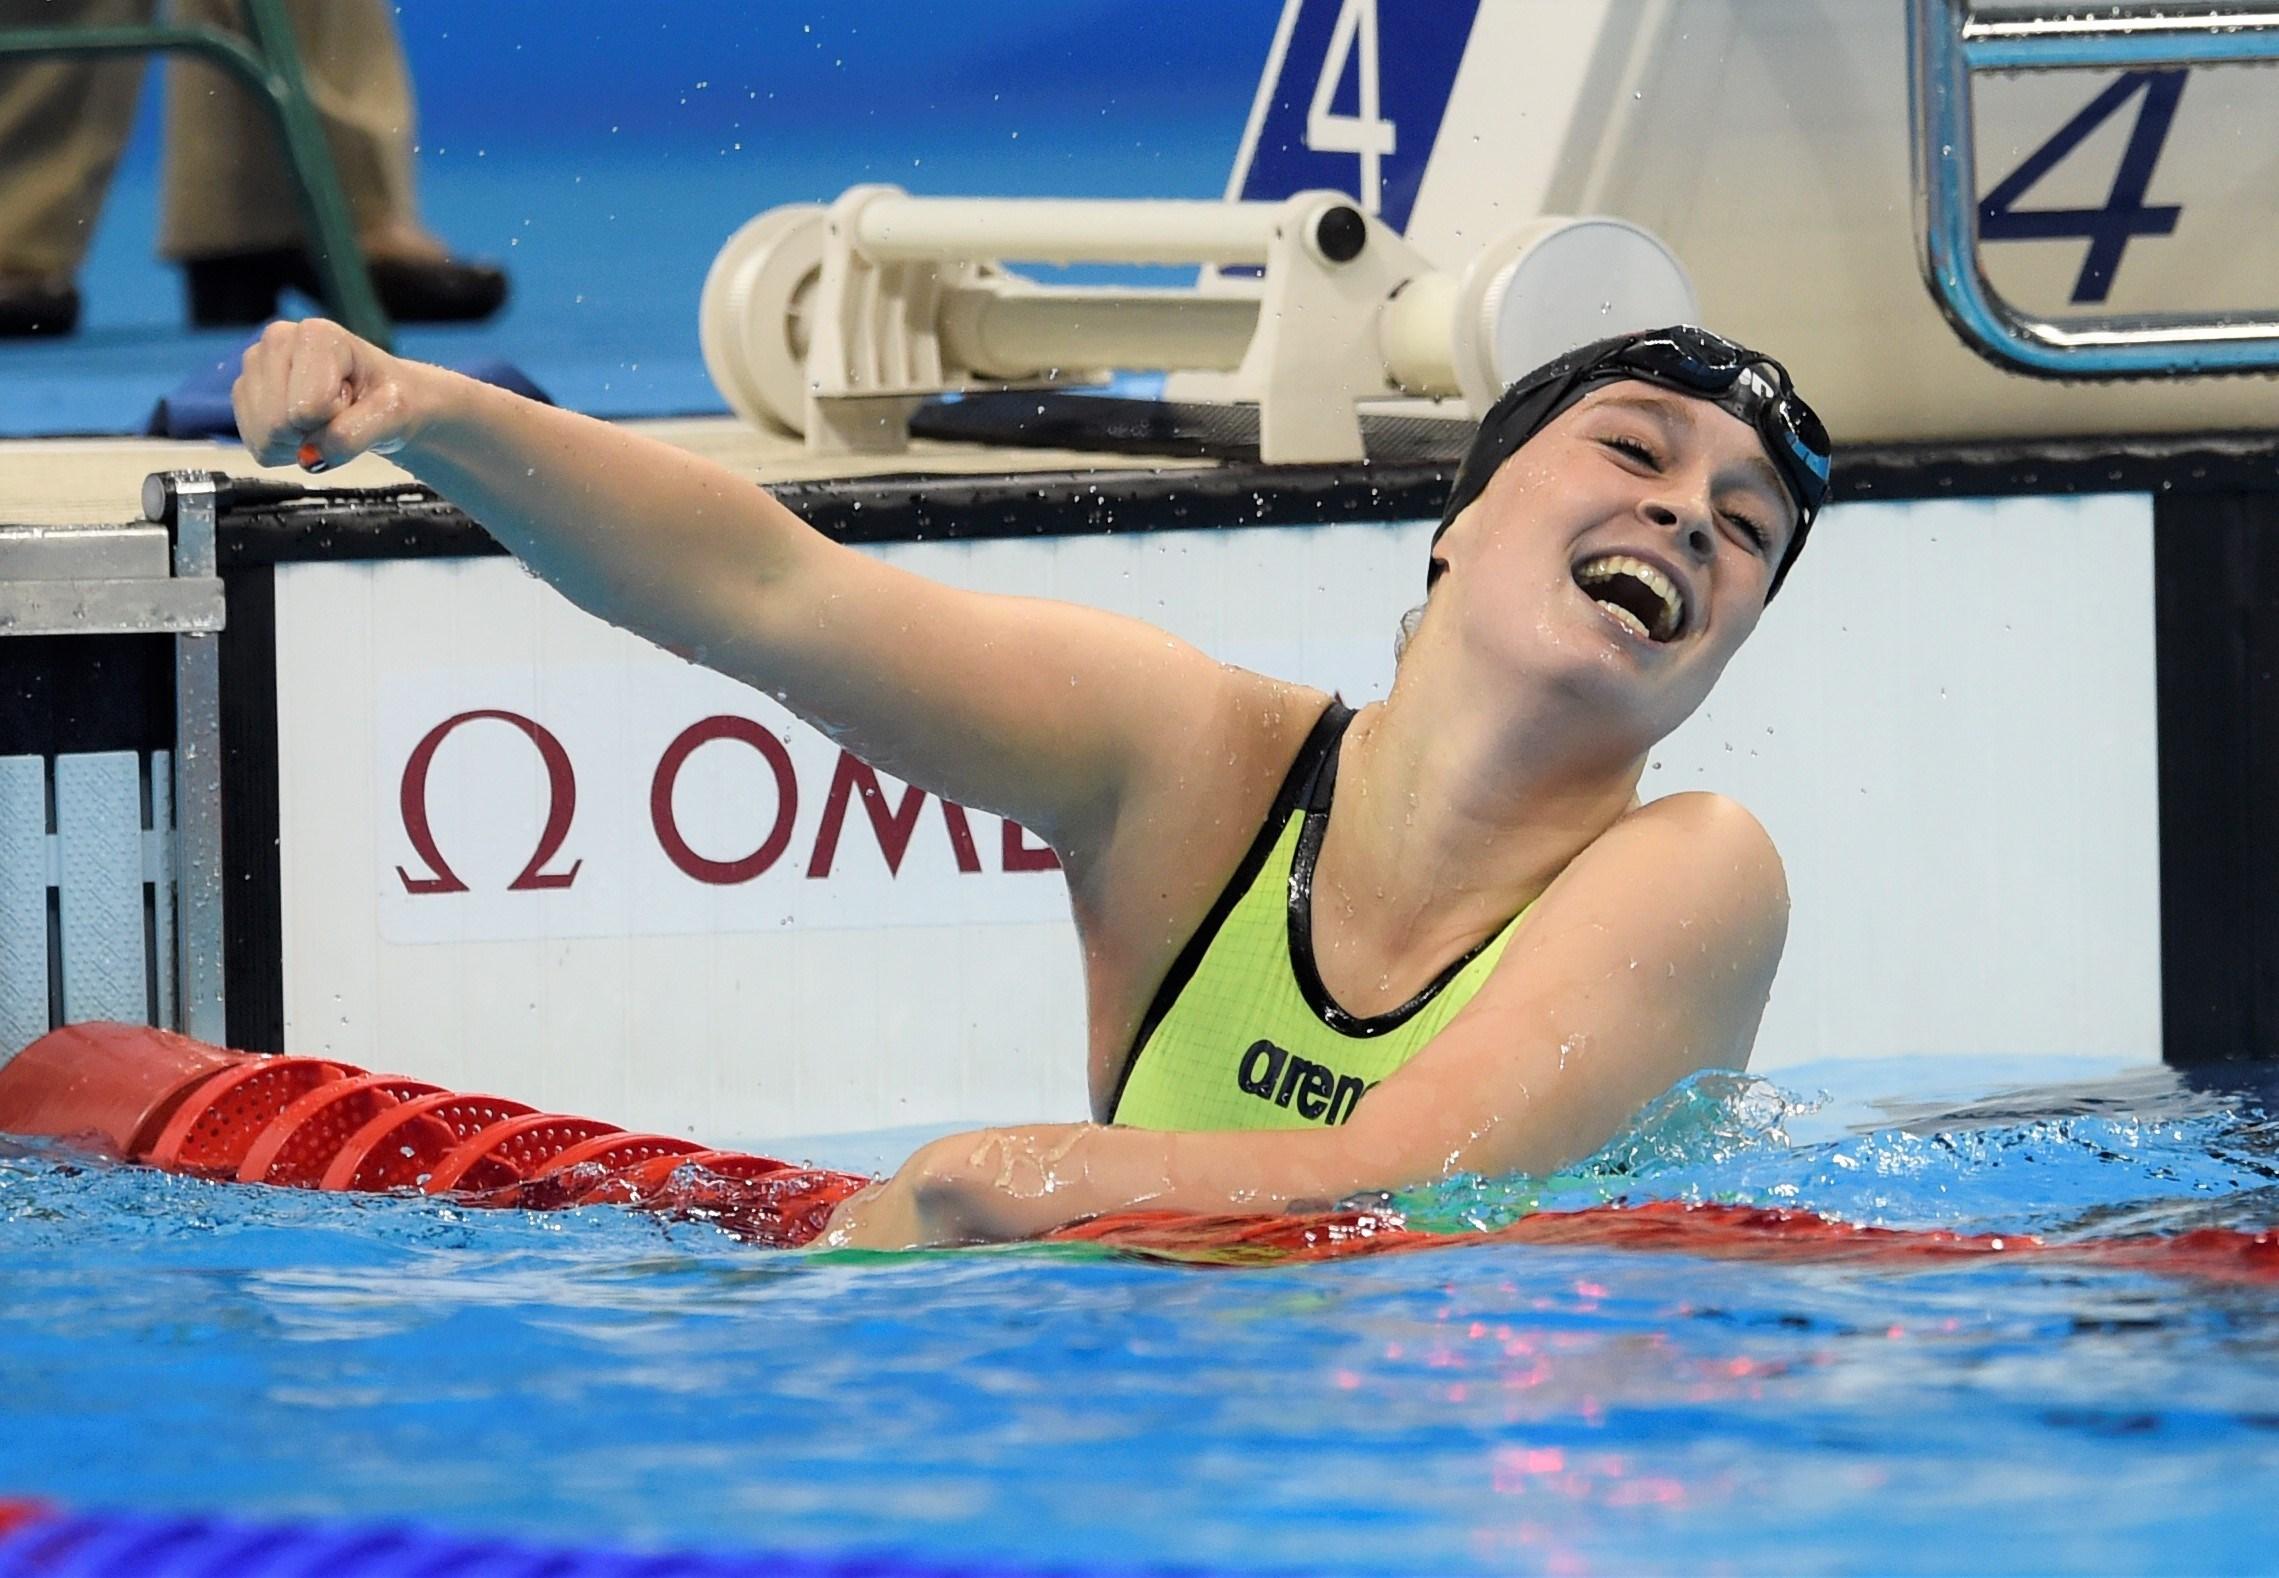 """Lisa Kruger: """"Door die paralympische medaille ben ik een opener mens geworden"""""""